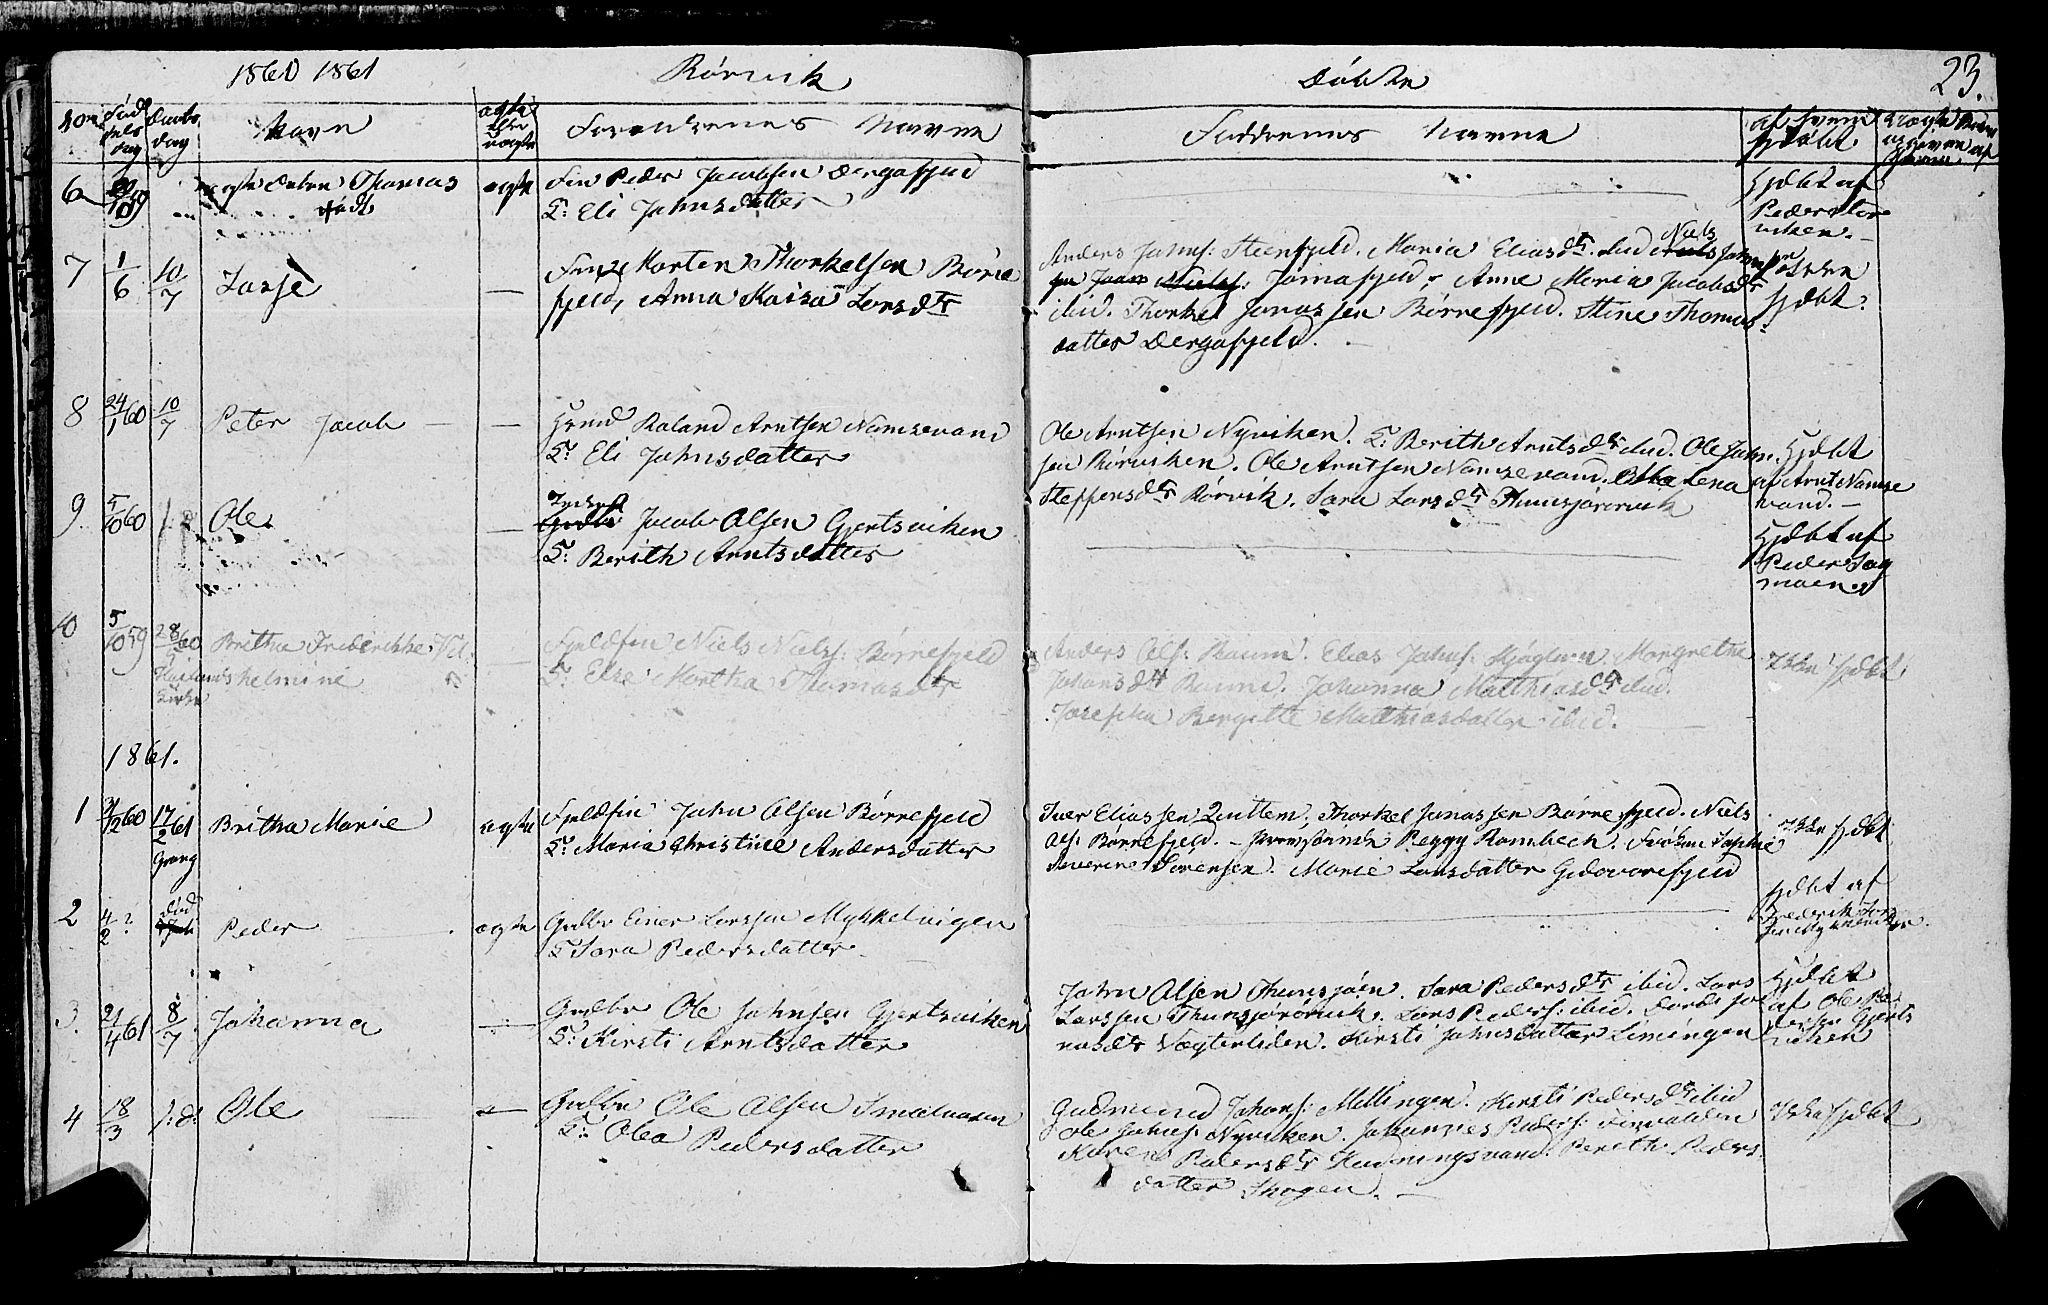 SAT, Ministerialprotokoller, klokkerbøker og fødselsregistre - Nord-Trøndelag, 762/L0538: Ministerialbok nr. 762A02 /1, 1833-1879, s. 23